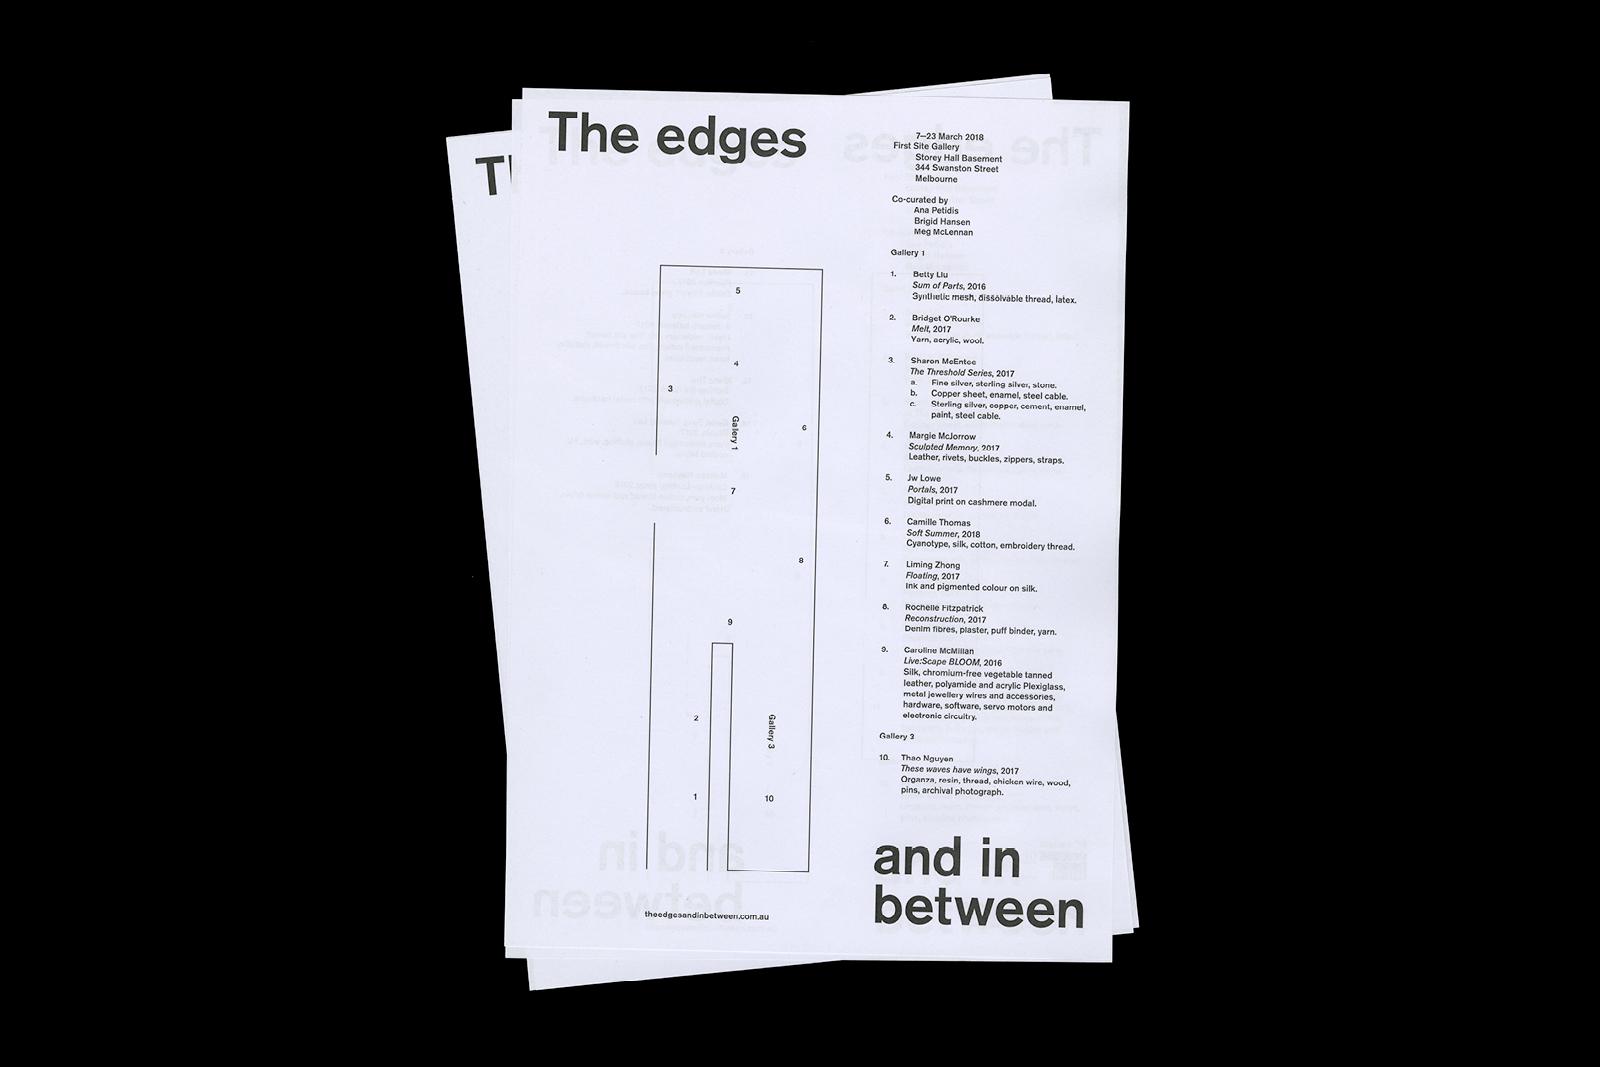 the_edges_and_inbetween_megmclennan_7.jpg